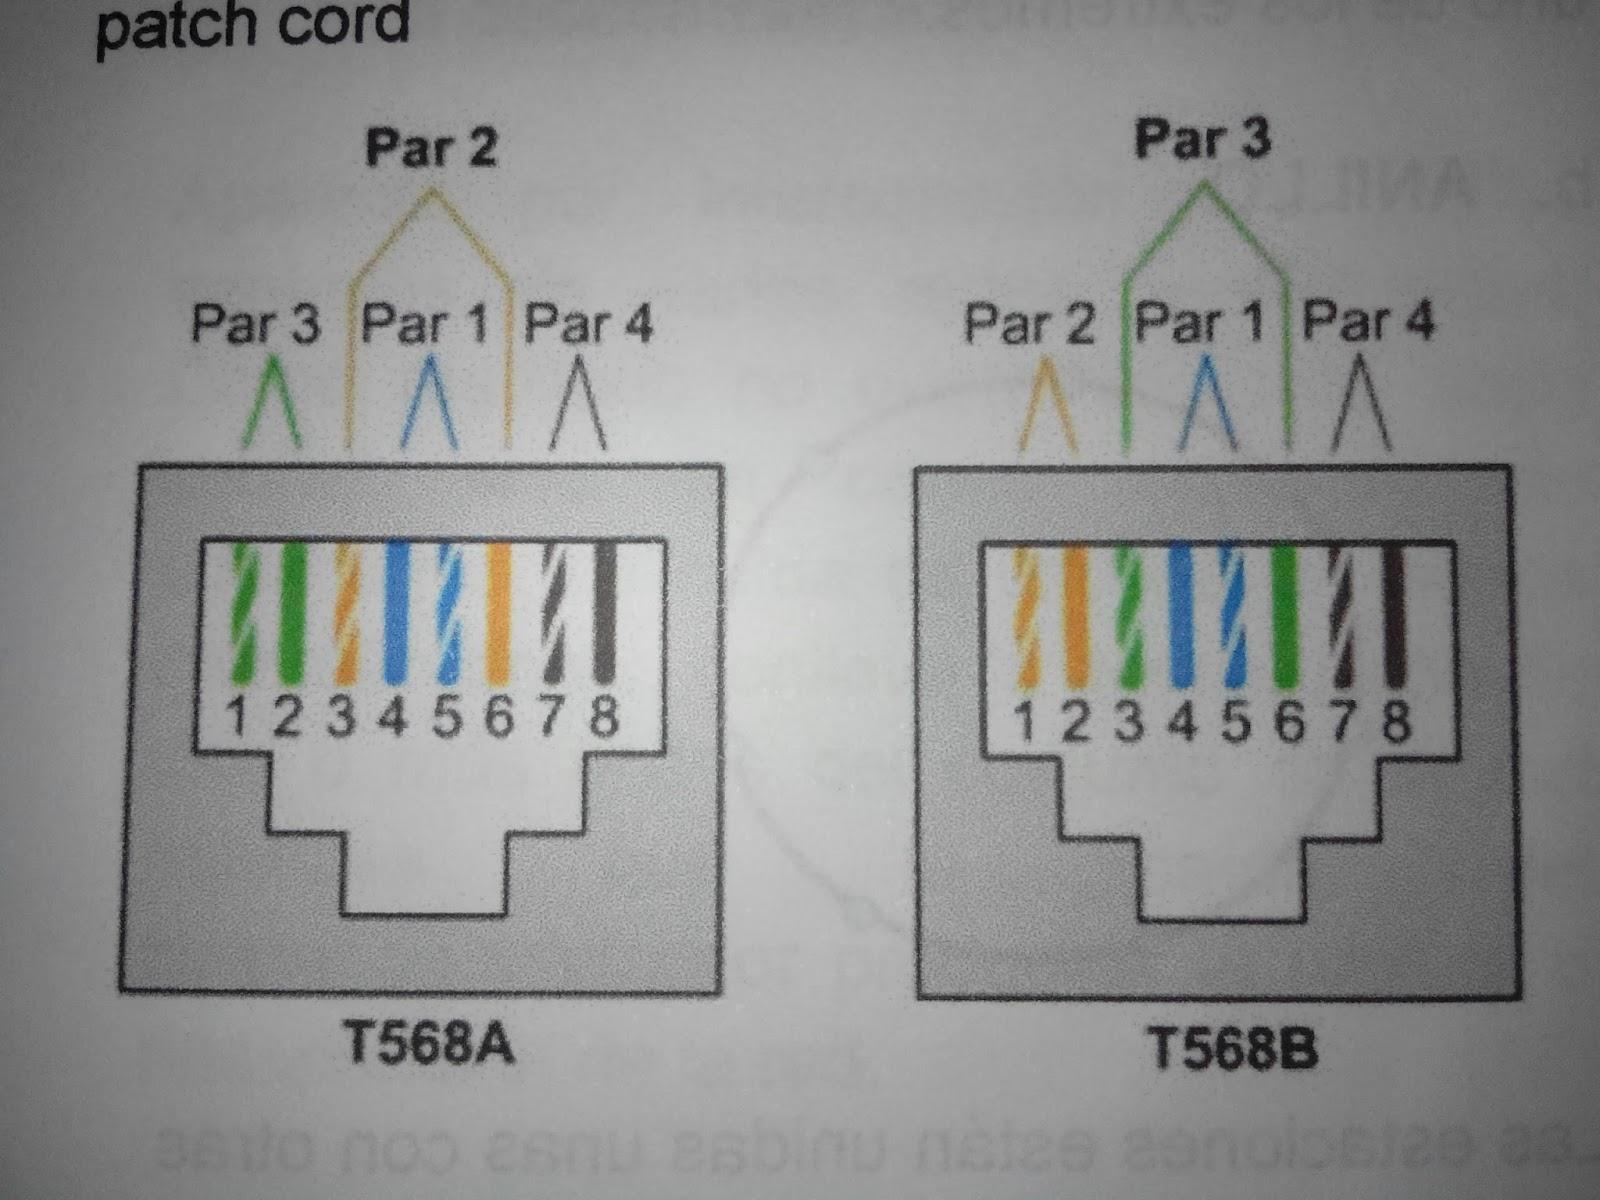 small resolution of 3 despu s insertar de forma correcta los 8 cables en el terminal rj45 se procede a ponchar el cable de red